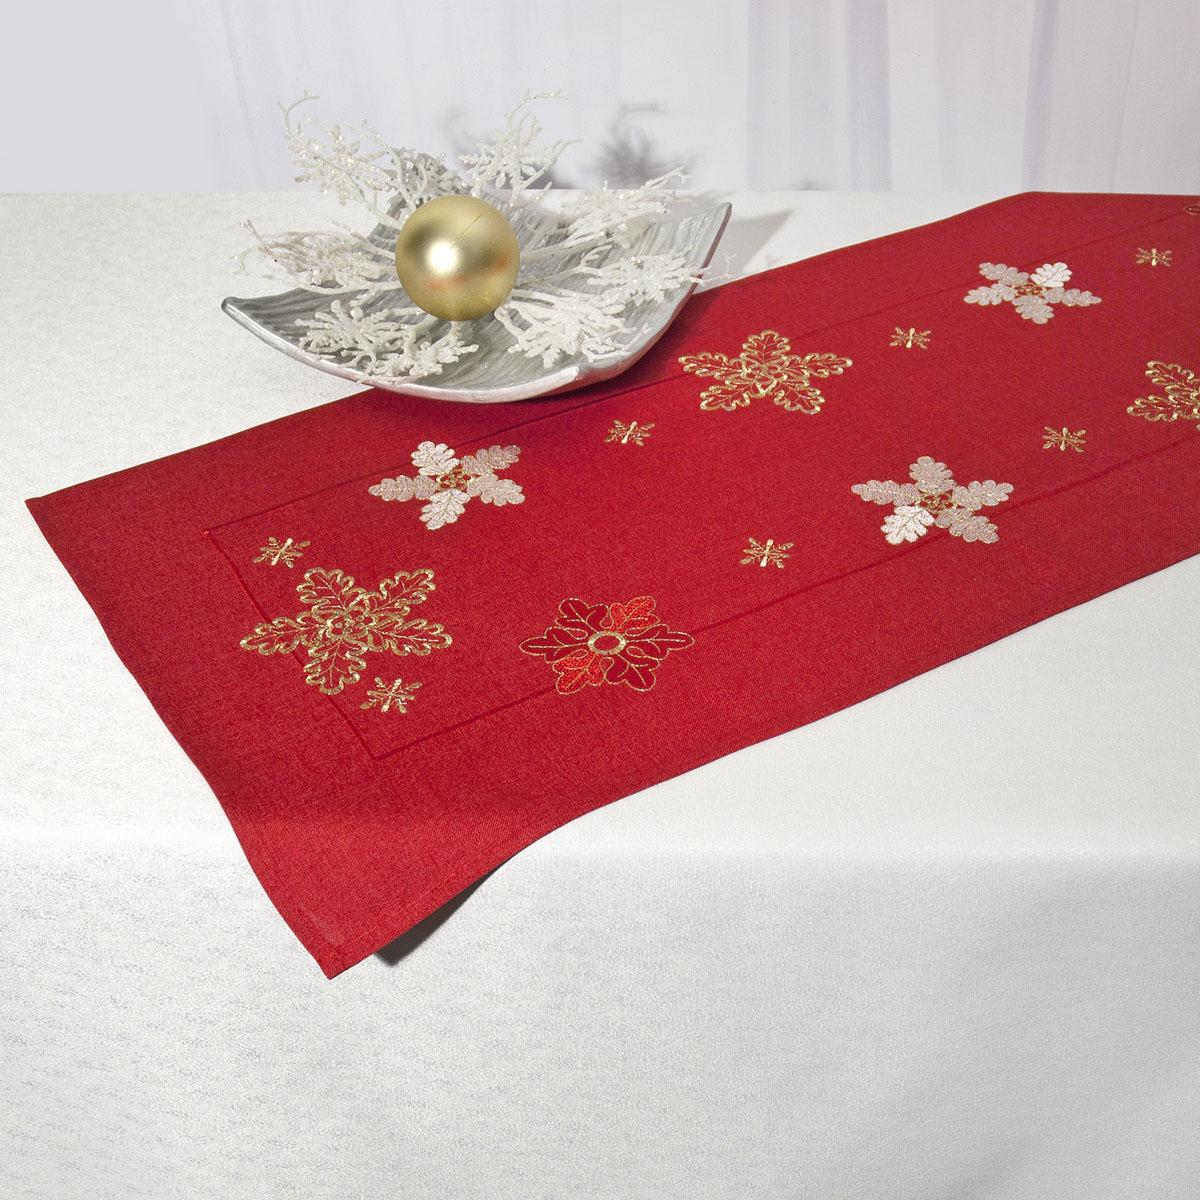 Дорожка для декорирования стола Schaefer, прямоугольная, цвет: красный, 40 x 110 см 07490-23307490-233Дорожка Schaefer выполнена из высококачественного полиэстера и украшена вышитым рисунком в виде снежинок. Вы можете использовать дорожку для декорирования стола, комода или журнального столика. Благодаря такой дорожке вы защитите поверхность мебели от воды, пятен и механических воздействий, а также создадите атмосферу уюта и домашнего тепла в интерьере вашей квартиры. Изделия из искусственных волокон легко стирать: они не мнутся, не садятся и быстро сохнут, они более долговечны, чем изделия из натуральных волокон. Изысканный текстиль от немецкой компании Schaefer - это красота, стиль и уют в вашем доме. Дорожка органично впишется в интерьер любого помещения, а оригинальный дизайн удовлетворит даже самый изысканный вкус. Дарите себе и близким красоту каждый день!